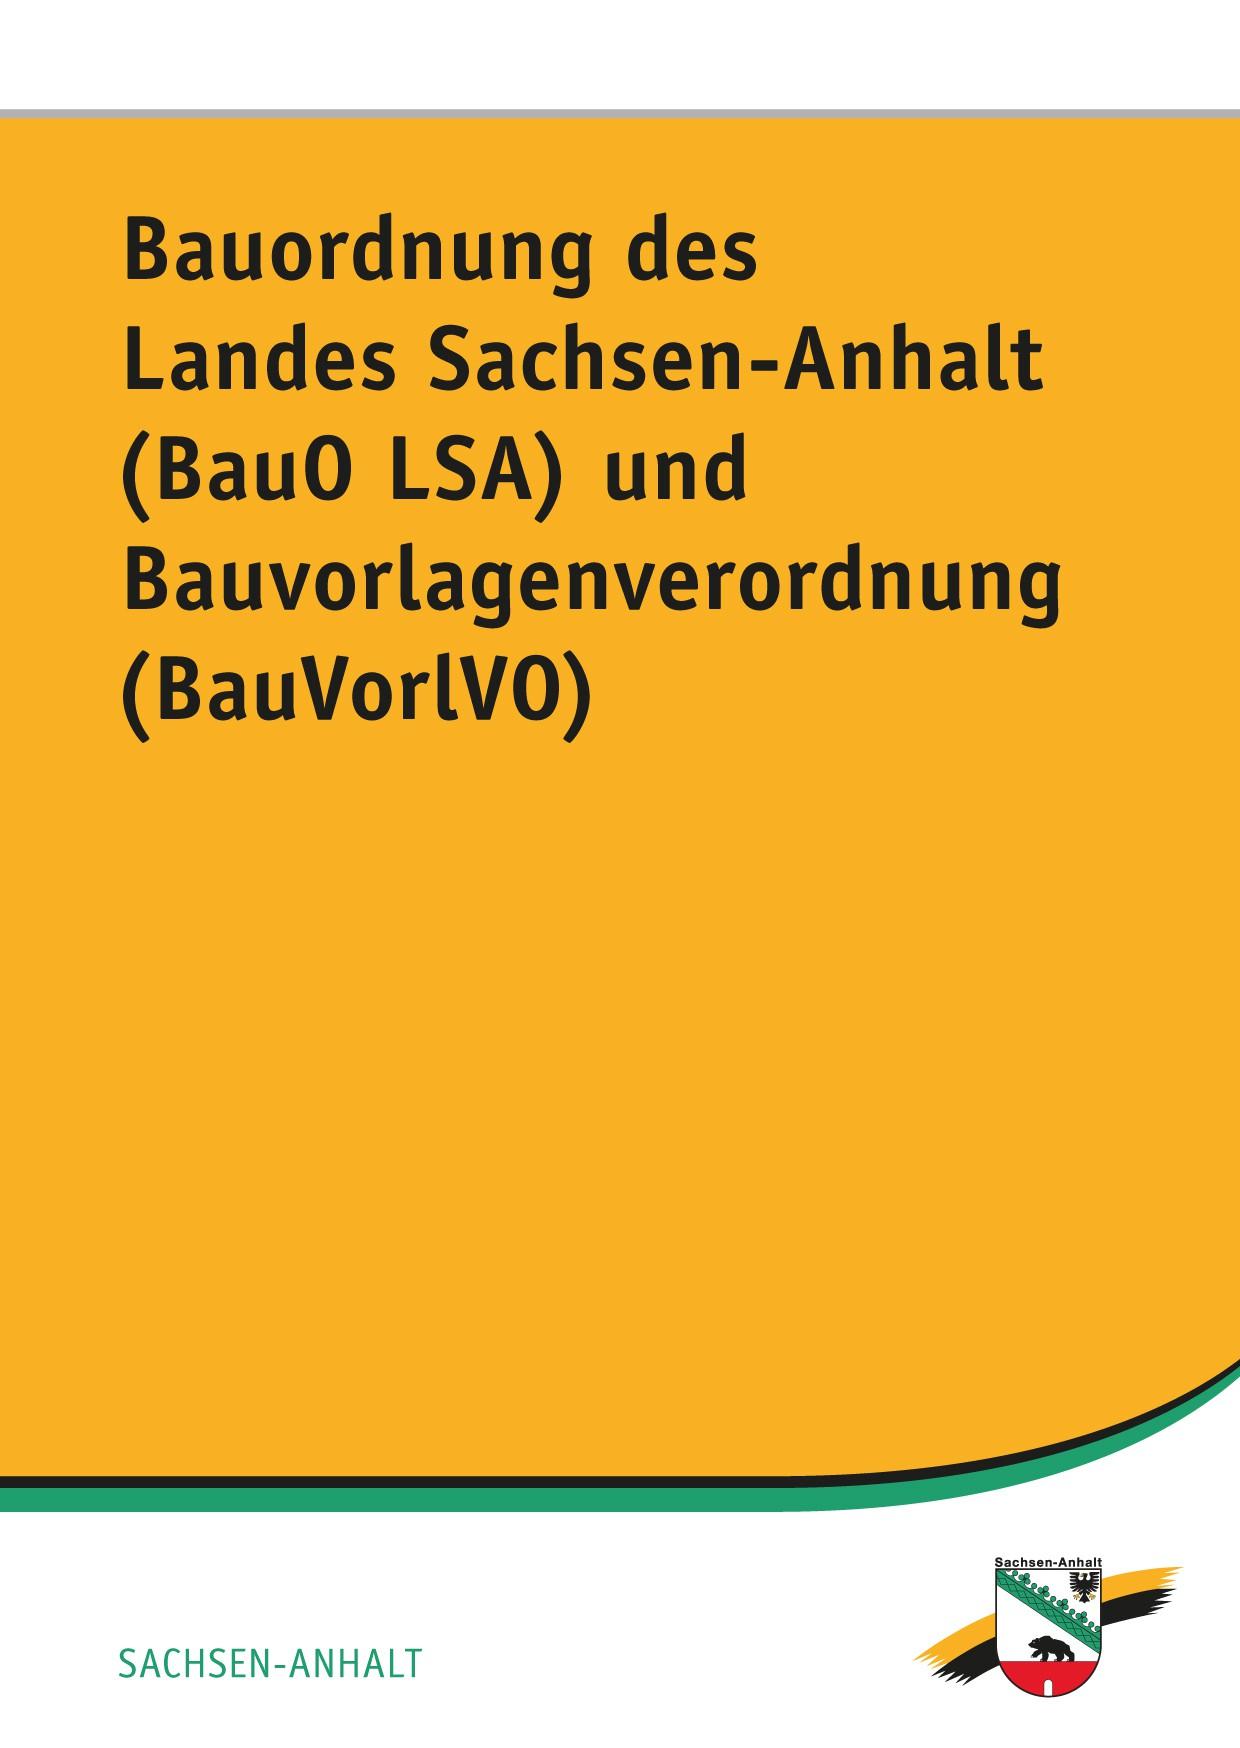 Bauordnung des Landes Sachsen-Anhalt (BauO LSA) und Bauvorlagenverordnung (BauVorlVO)